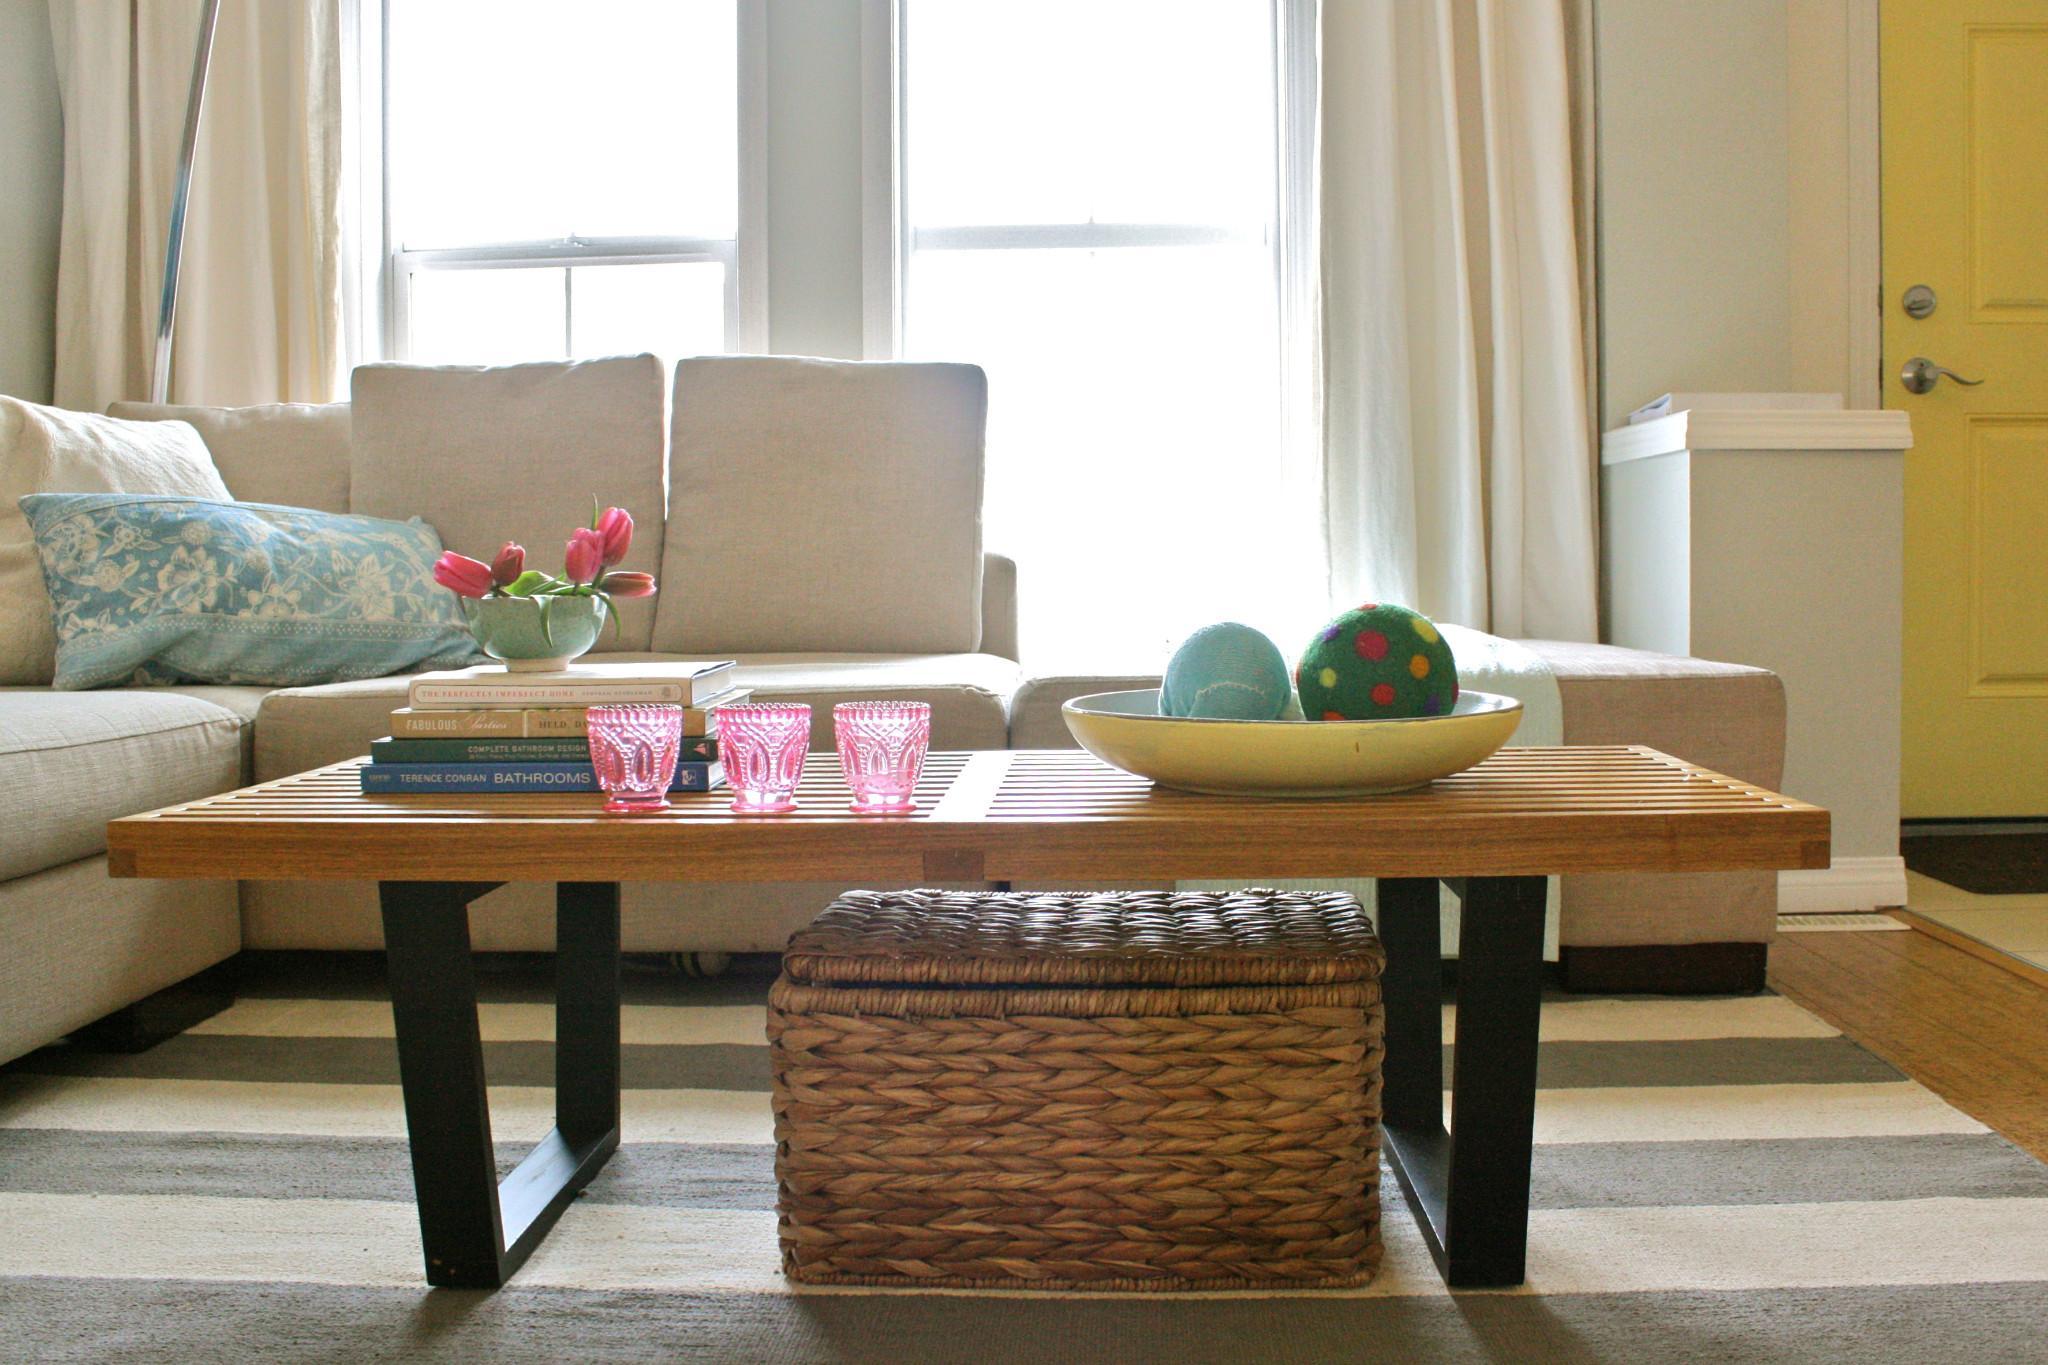 93 Basket Home Decor The Most Best 25 Wire Basket Storage Ideas